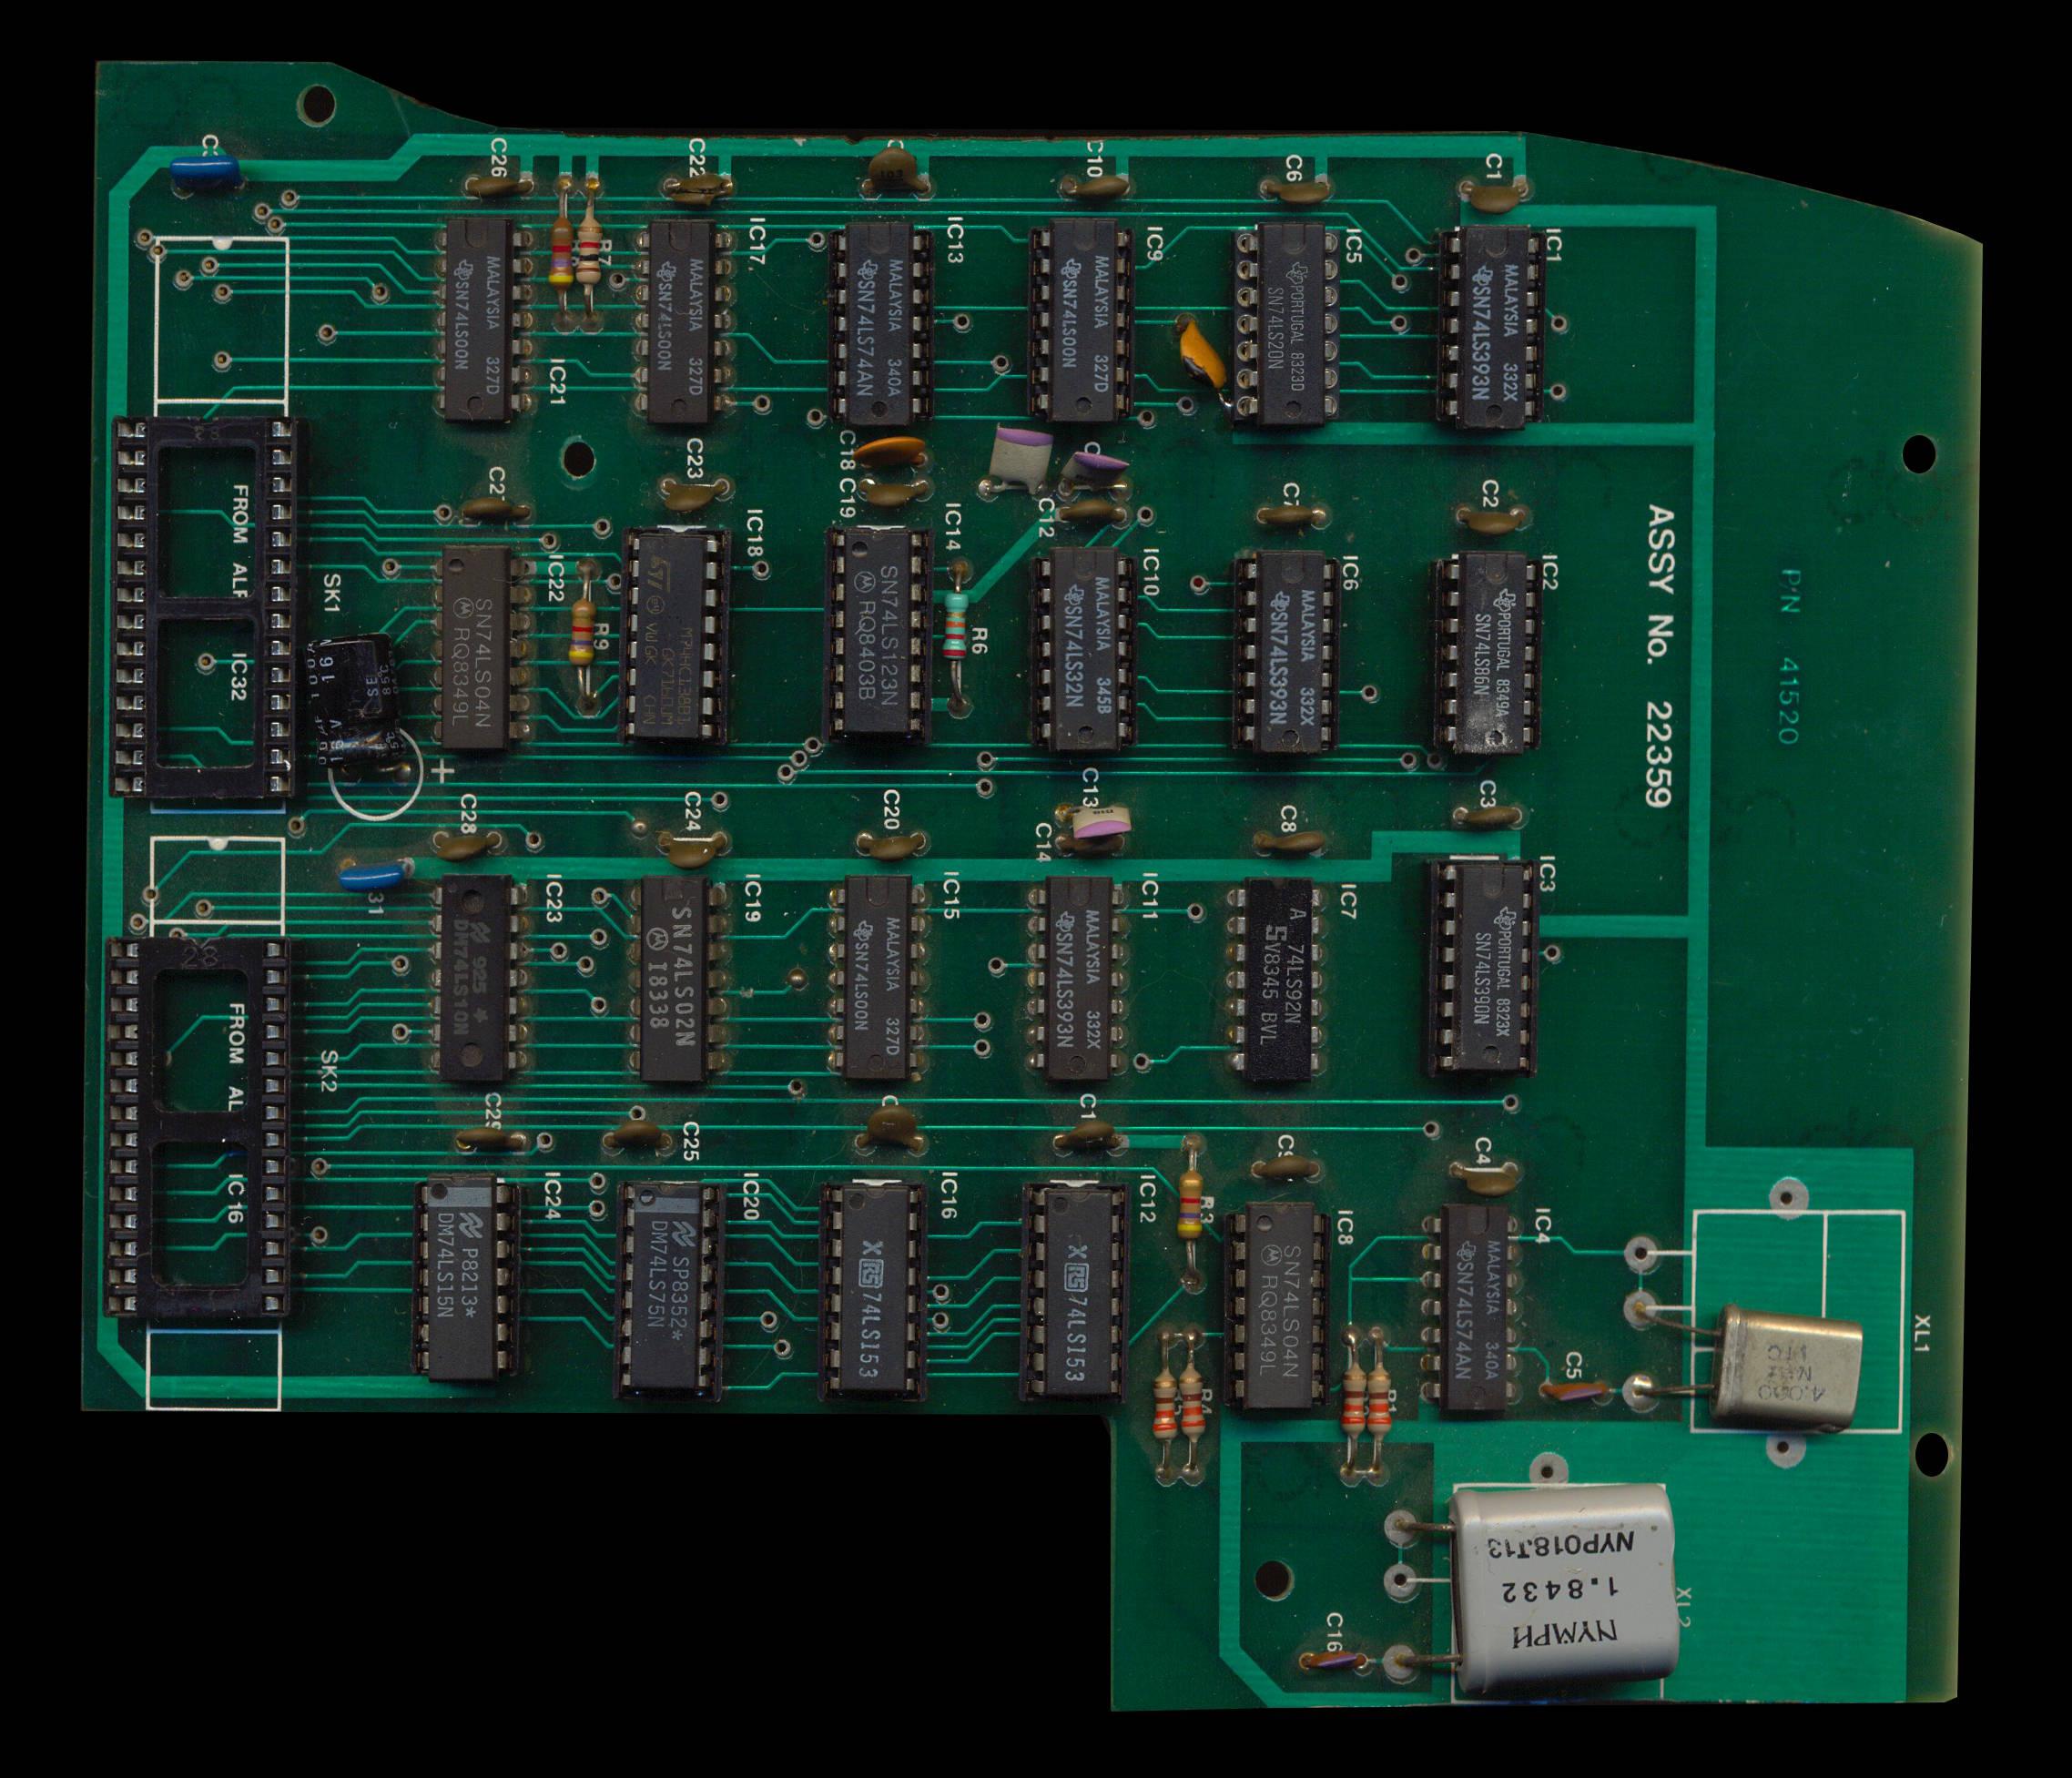 File:DragonAlpha DaughterBoard PCB Top (PN41520) jpg - The Dragon